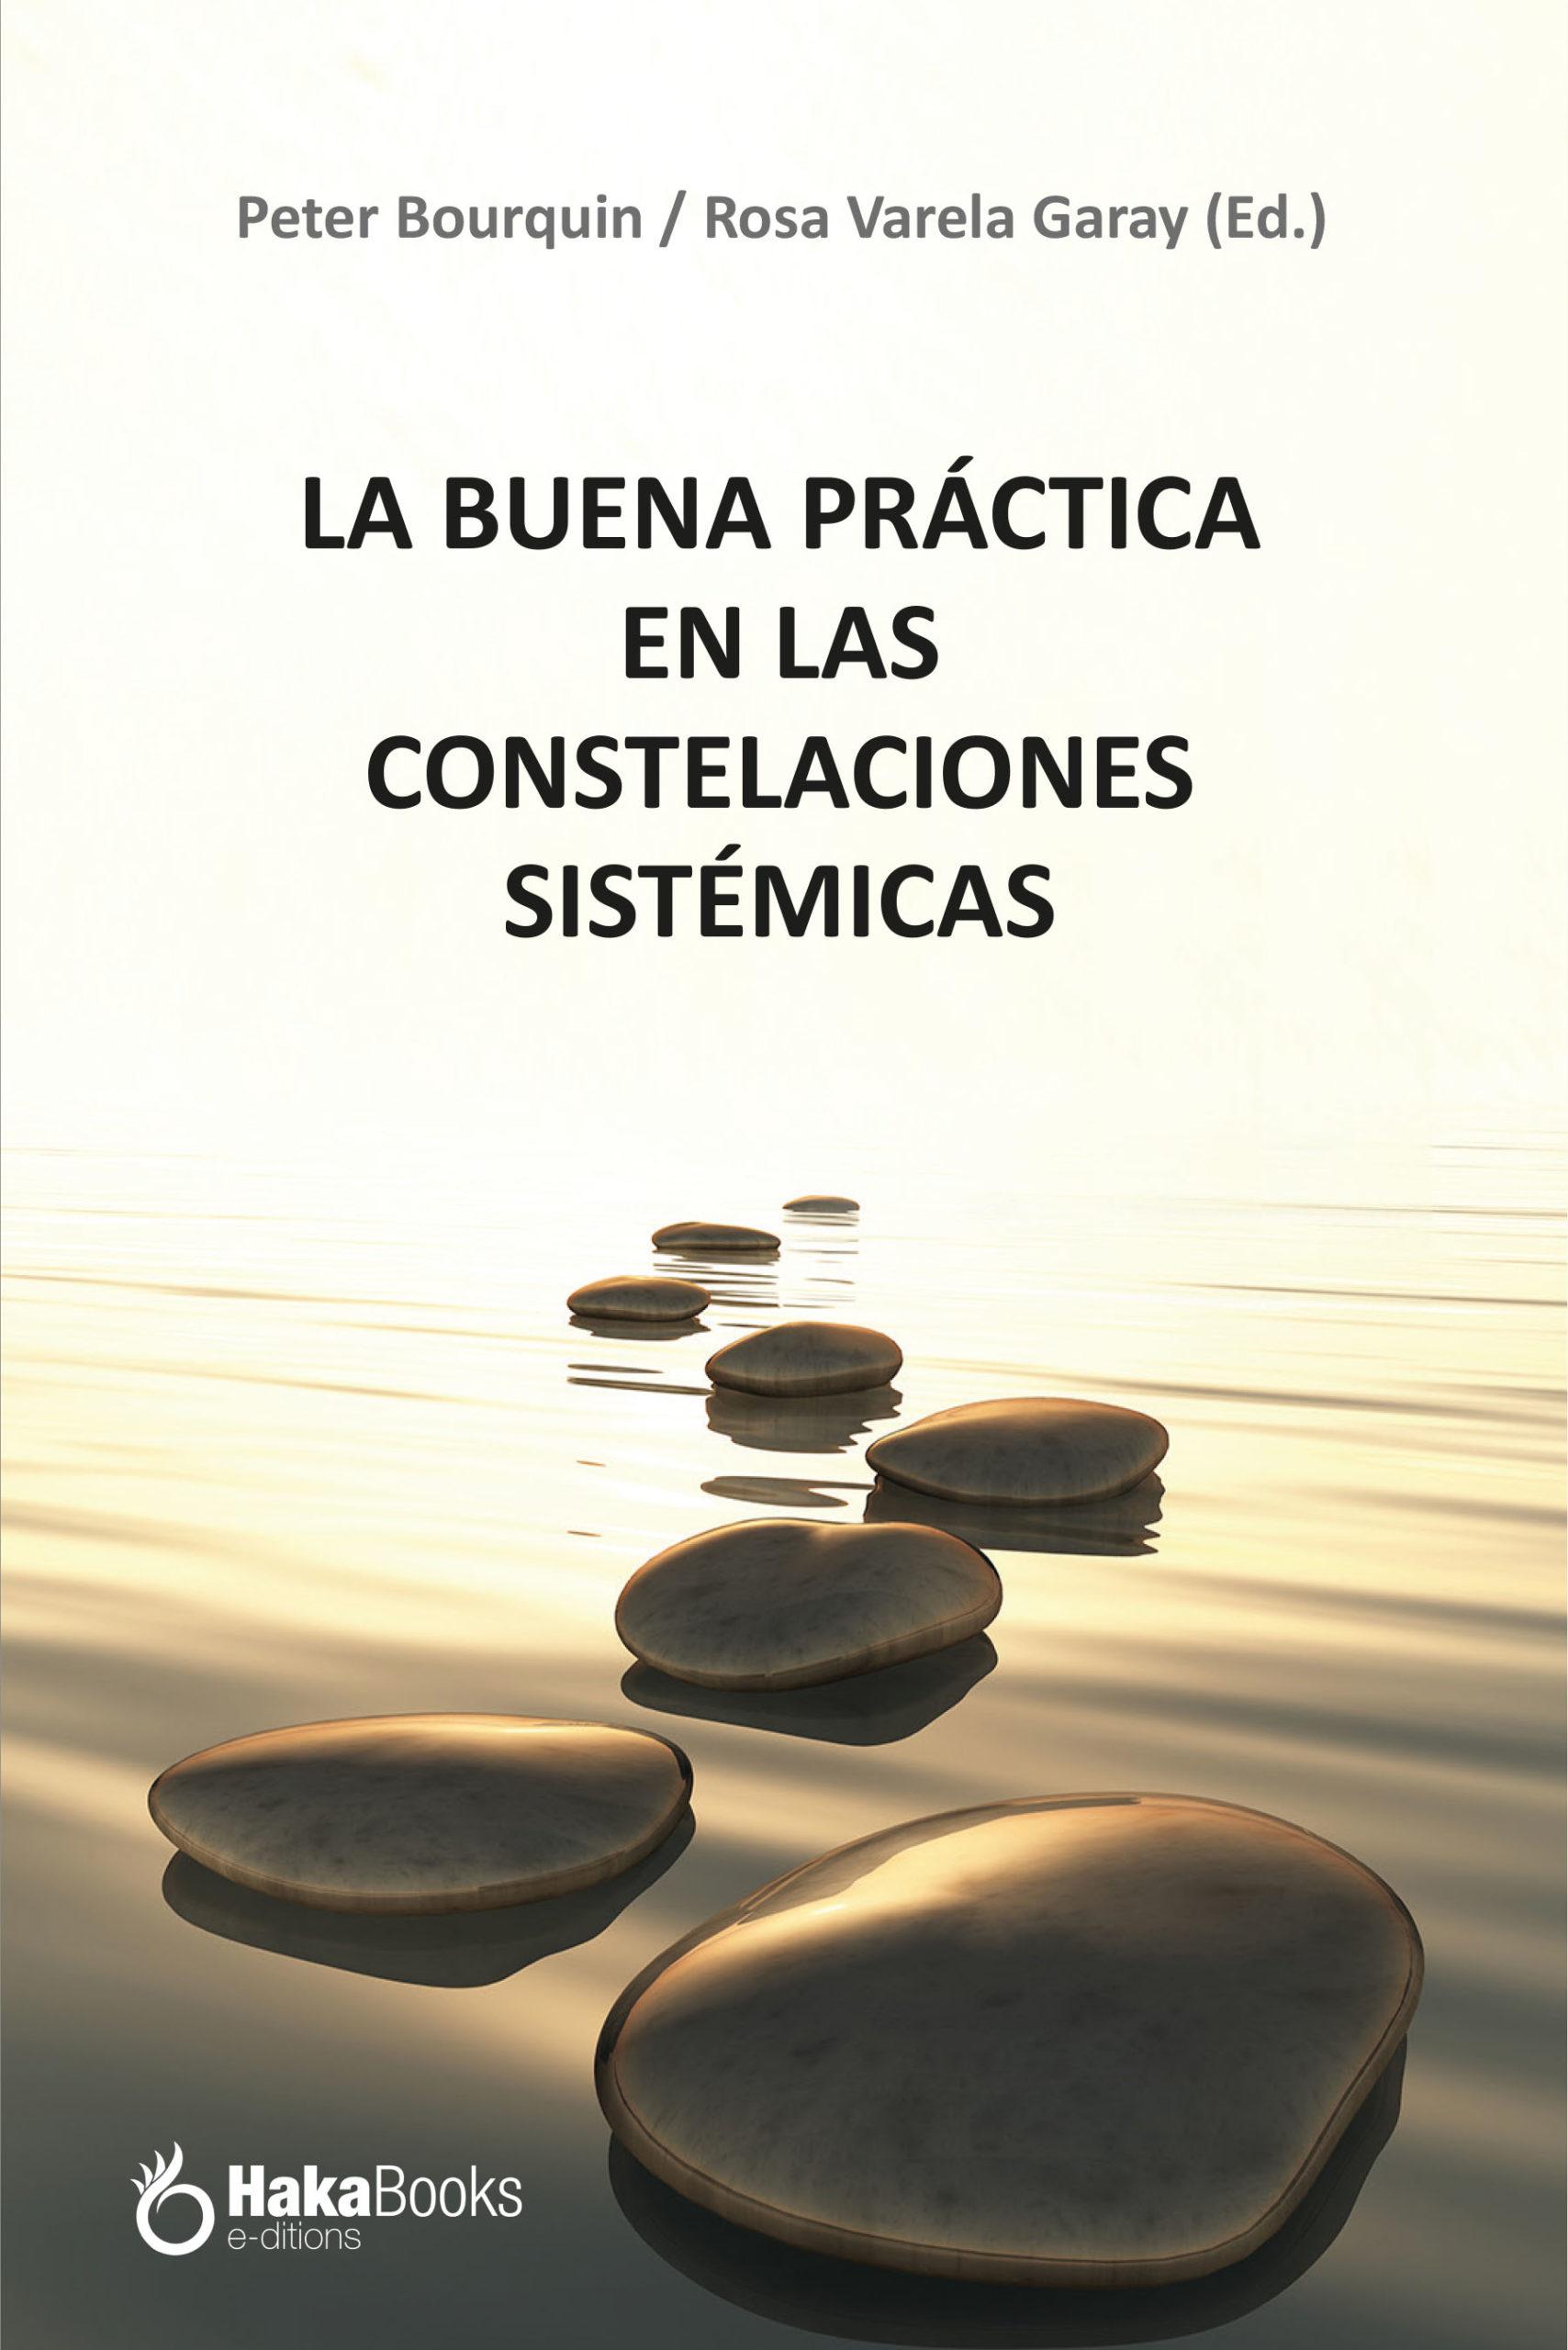 Portada Libro La buena práctica en alas constelaciones sistémicas